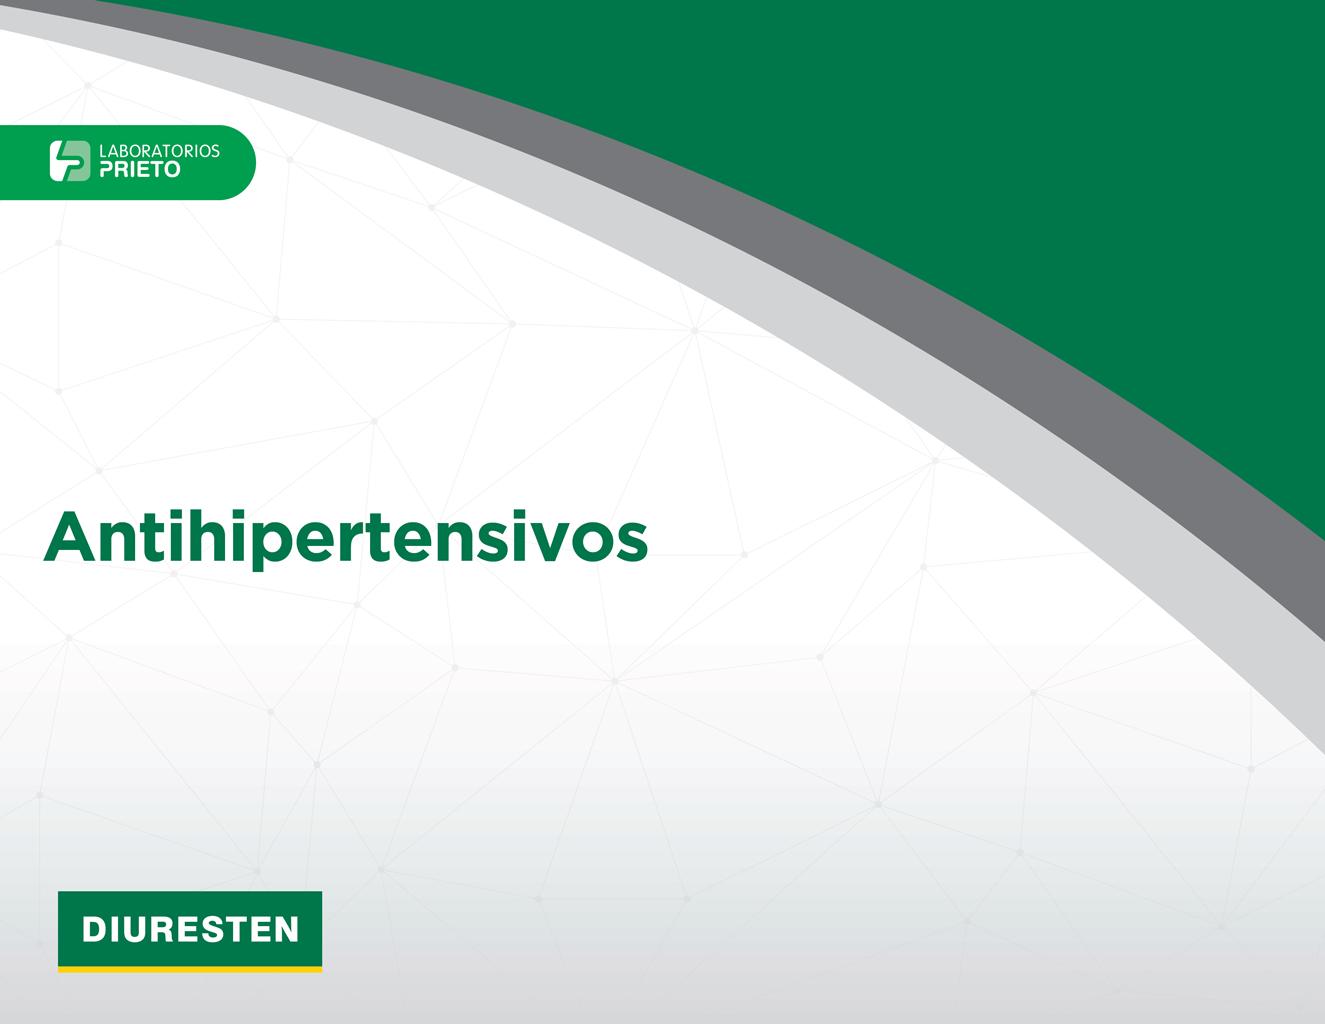 Vademecum-de-productos-Laboratorios-Prieto_Page_47